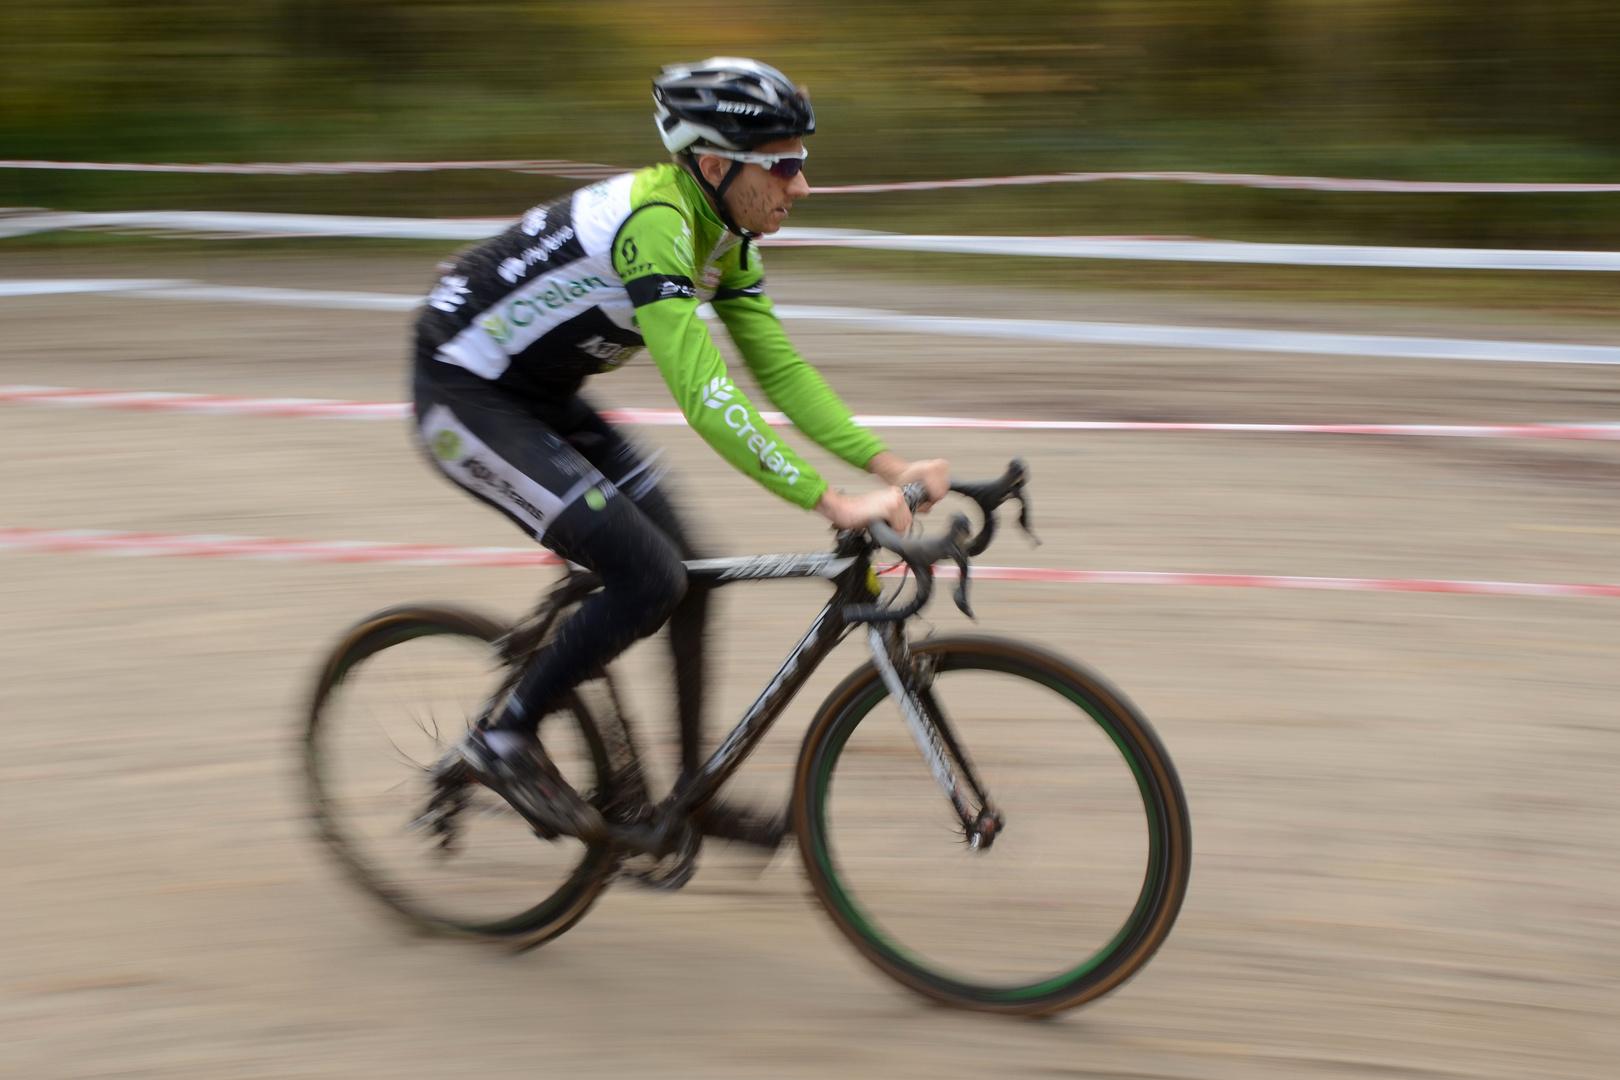 CC Rennen Wiesbaden 2013 #04